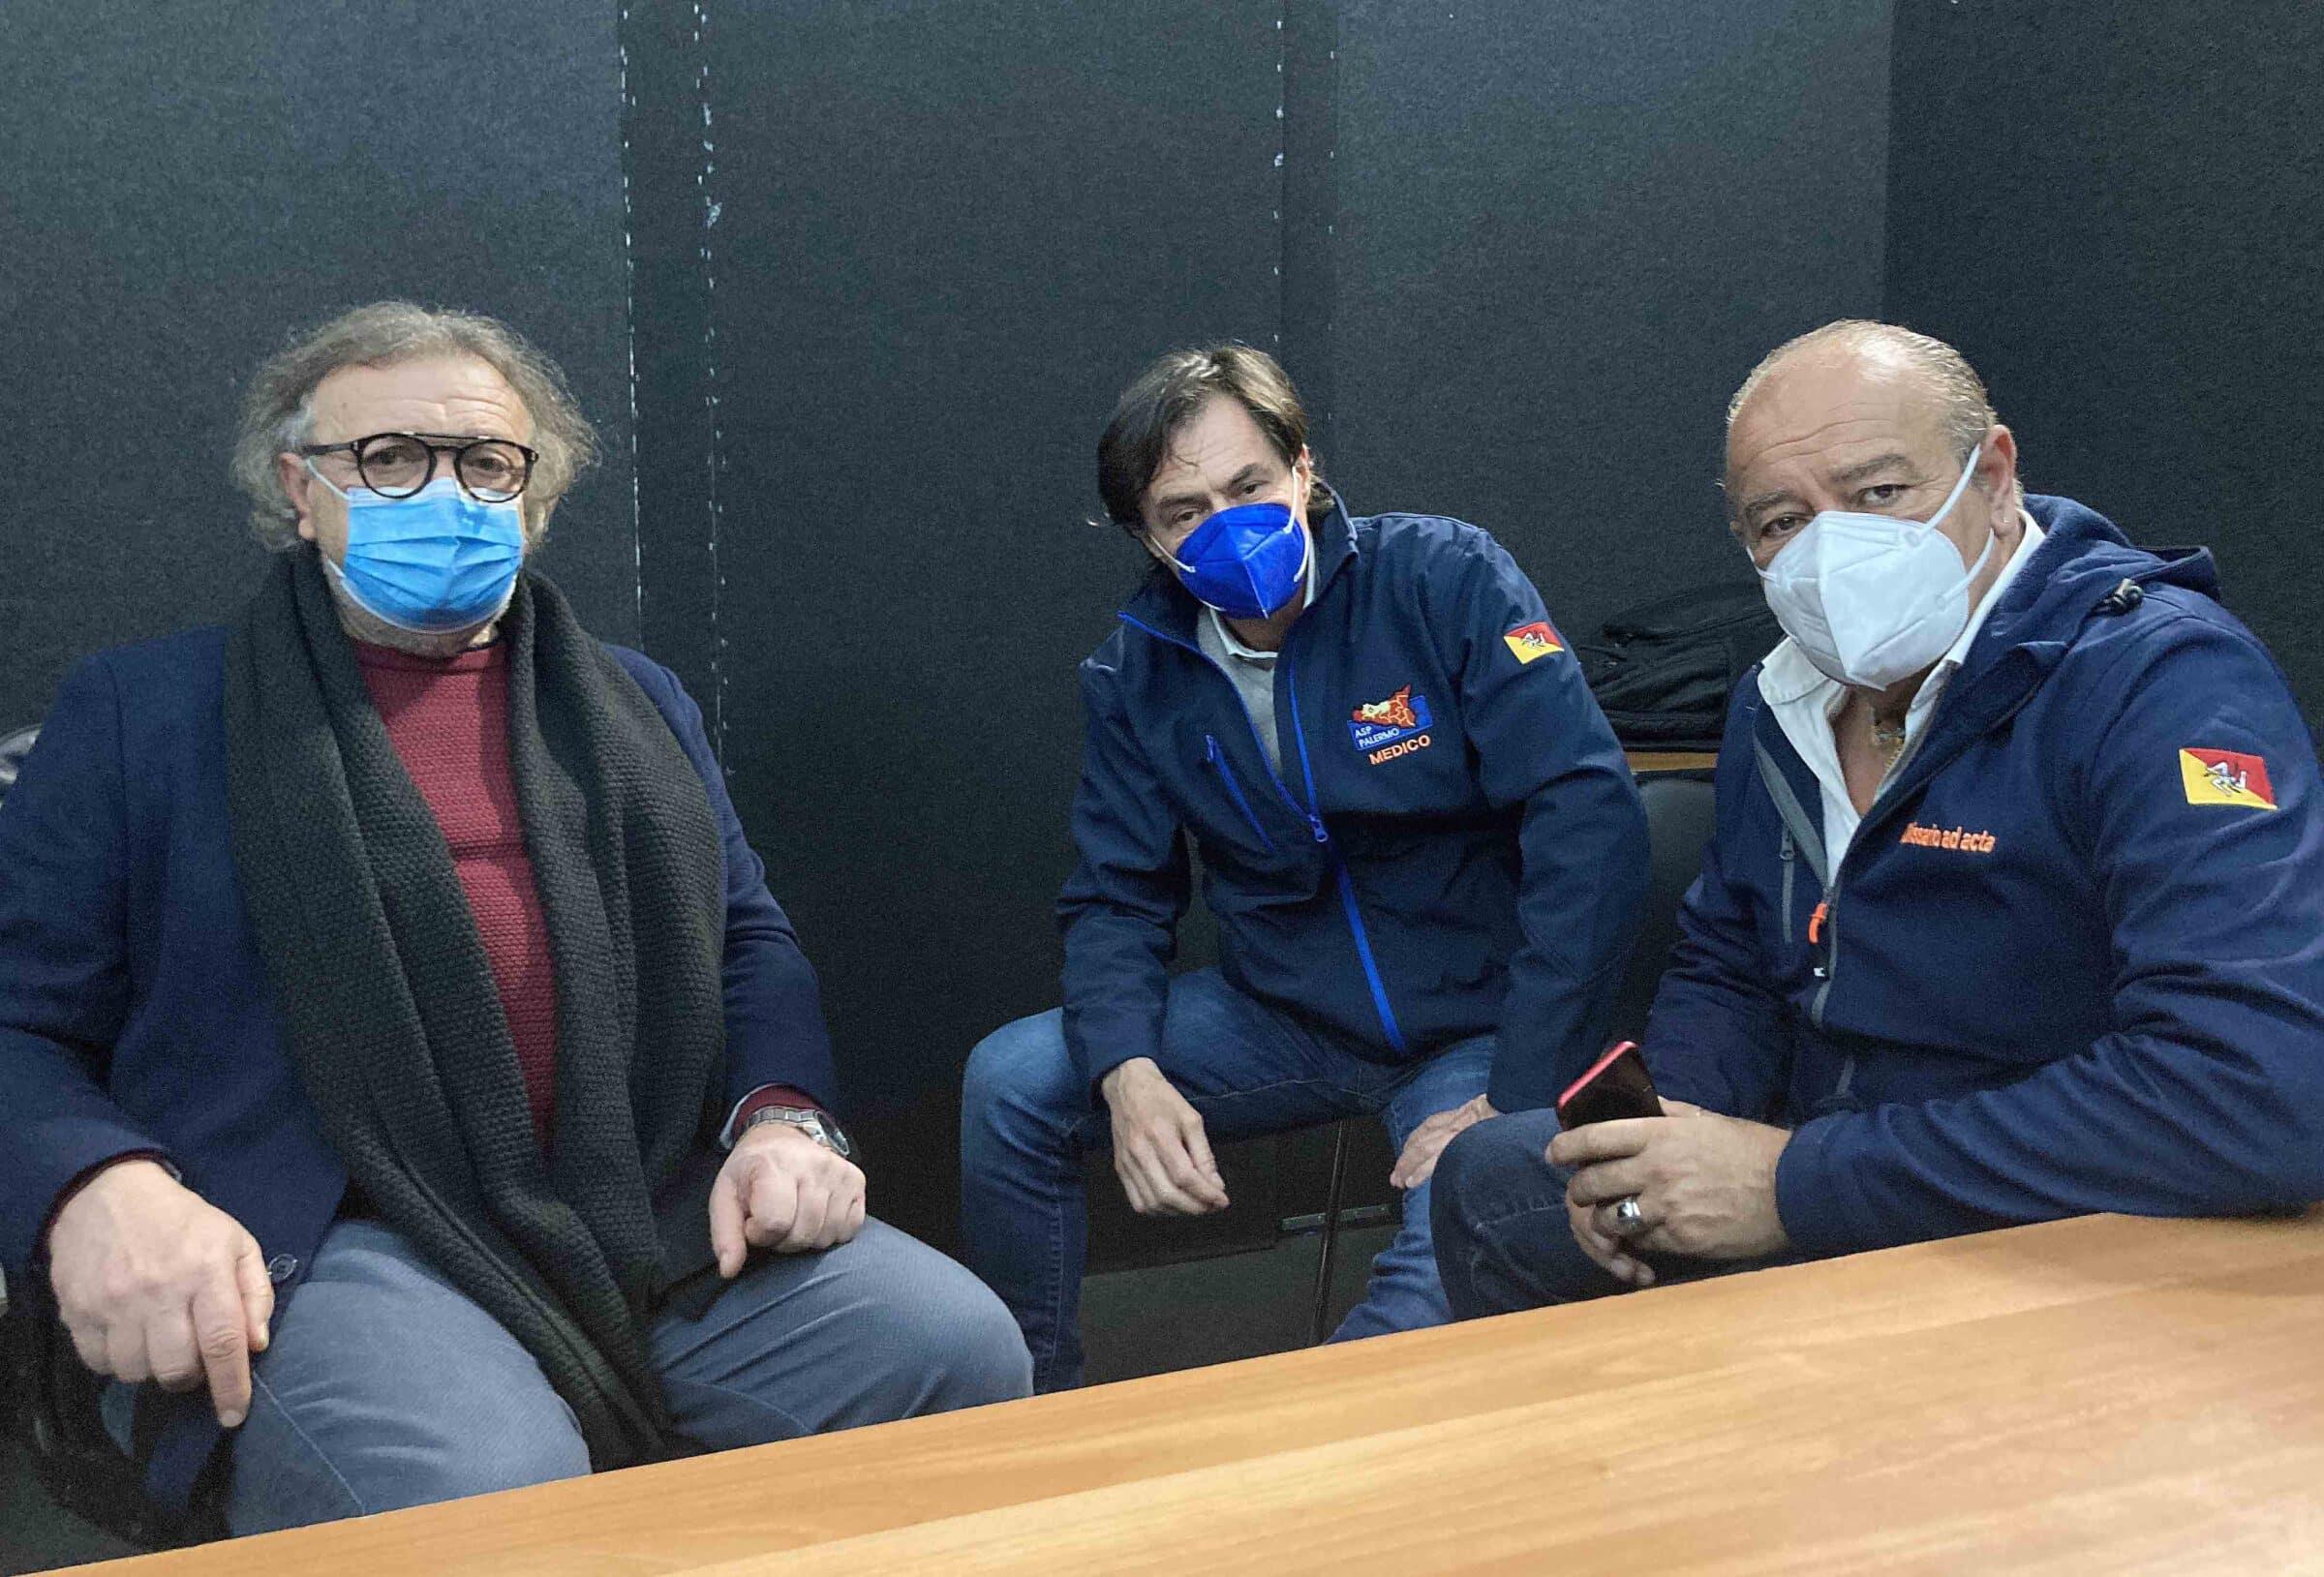 """Covid e vaccini, a Lampedusa arrivano nuovo personale medico e altri tamponi: """"Sicurezza garantita a cittadini"""""""